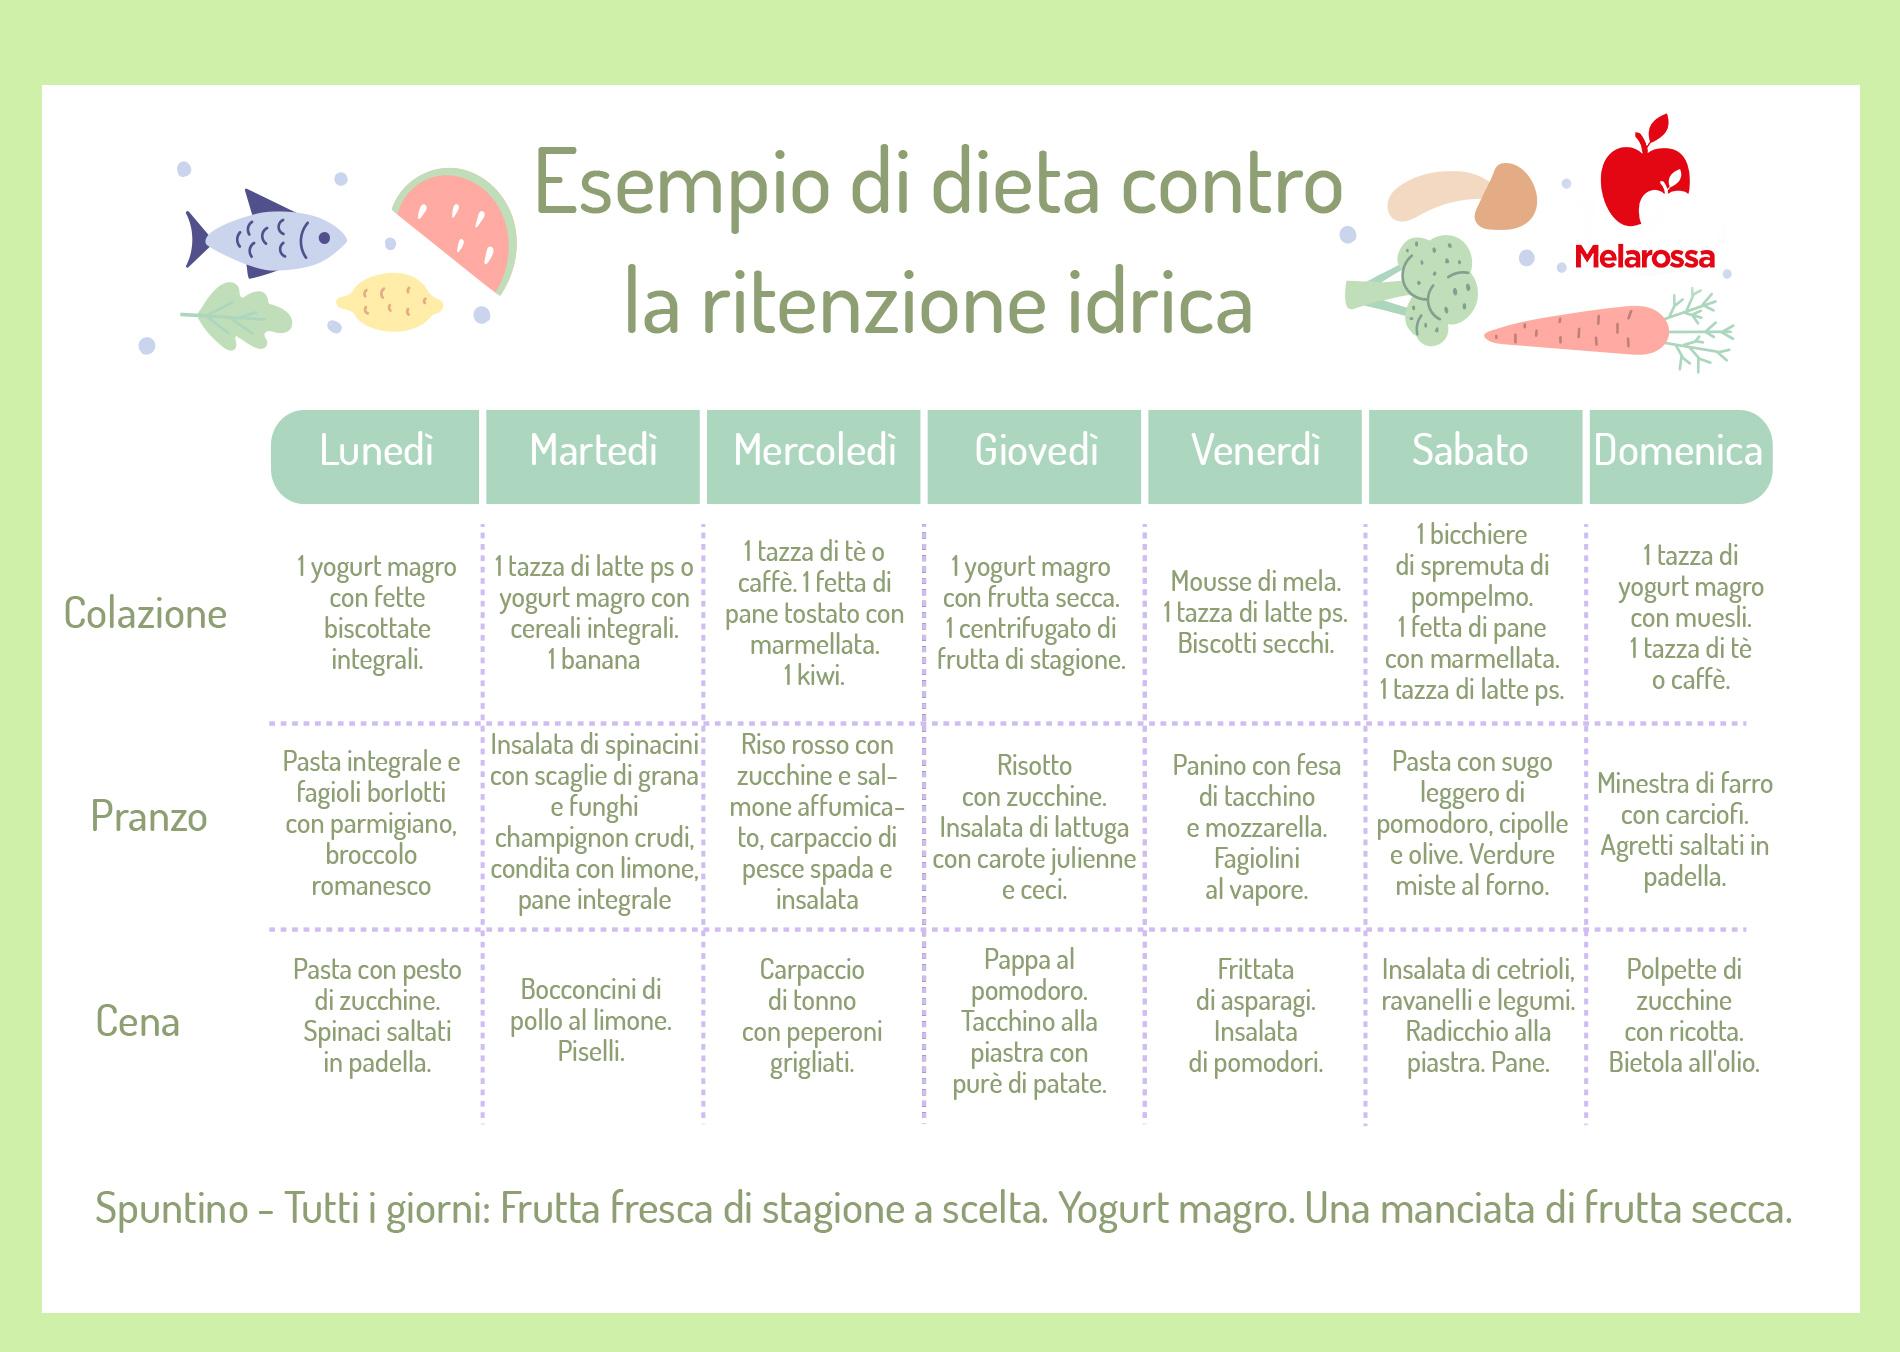 tabella: esempio di menù settimanale per combattere la ritenzione idrica